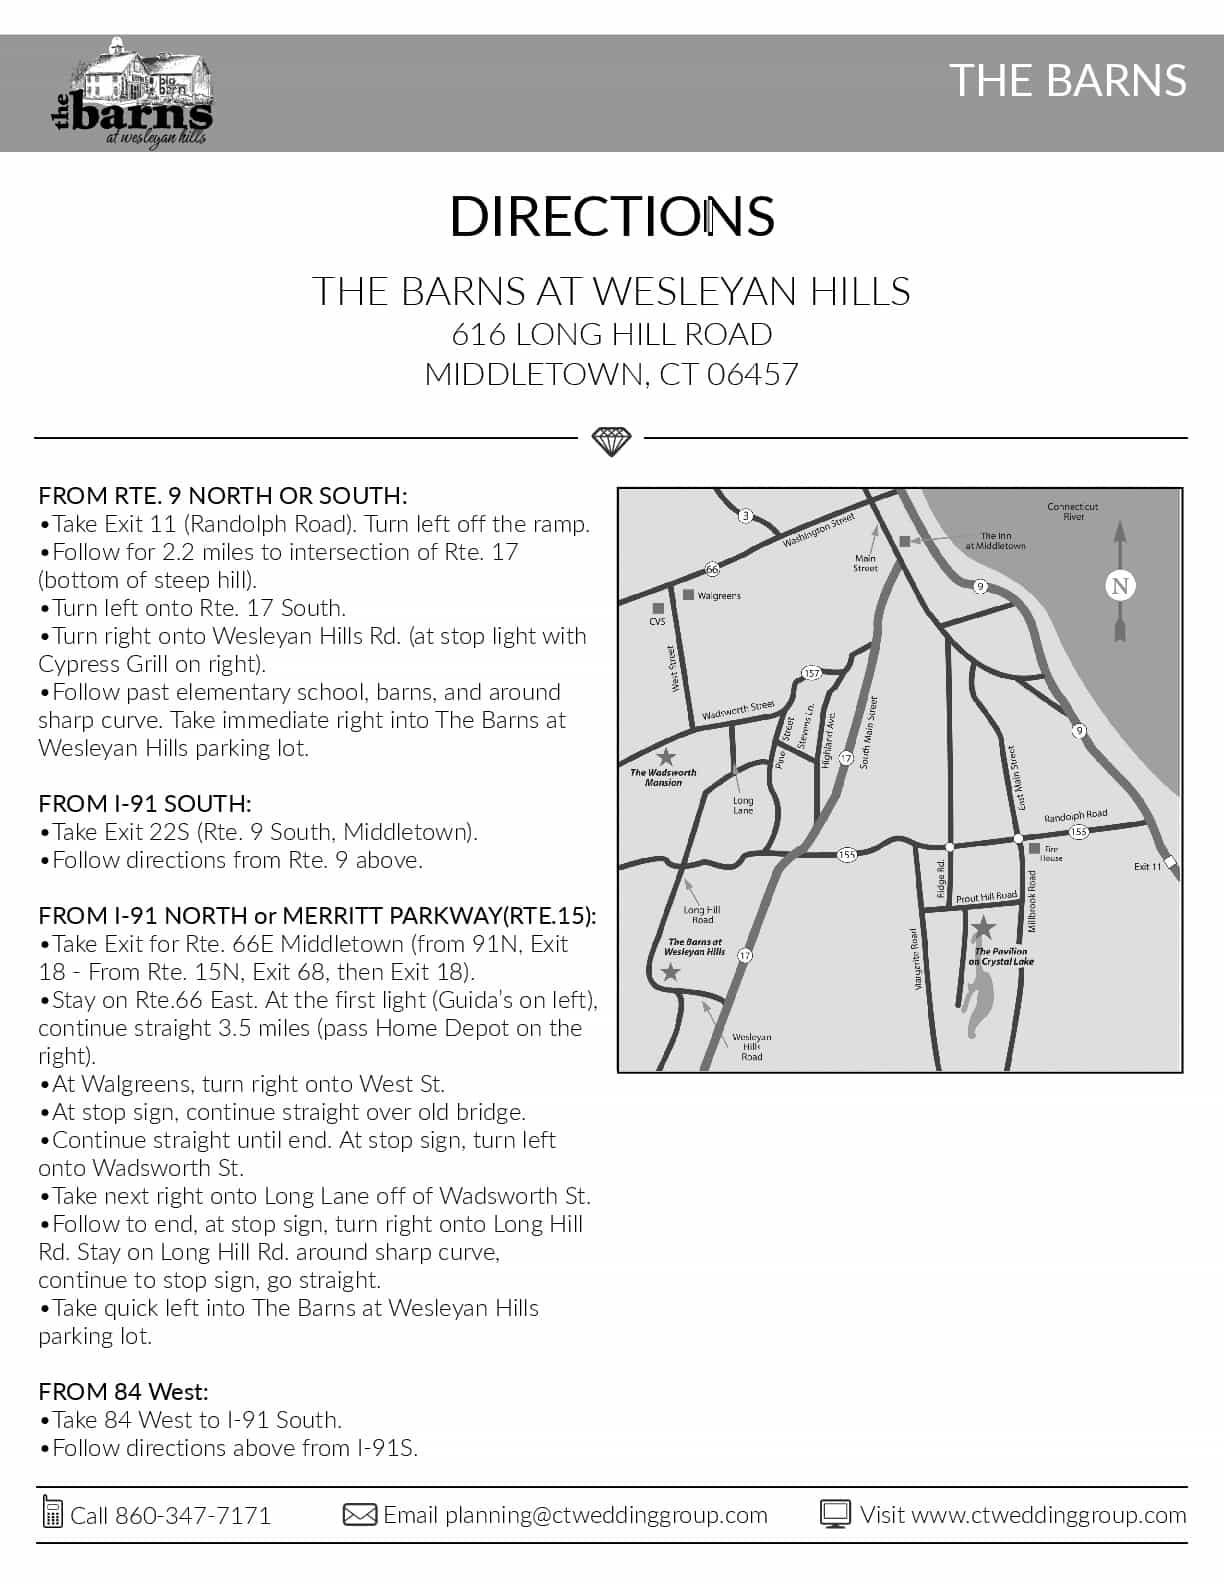 117_13016_Barns-at-Wesleyan-Hills-Directions-001